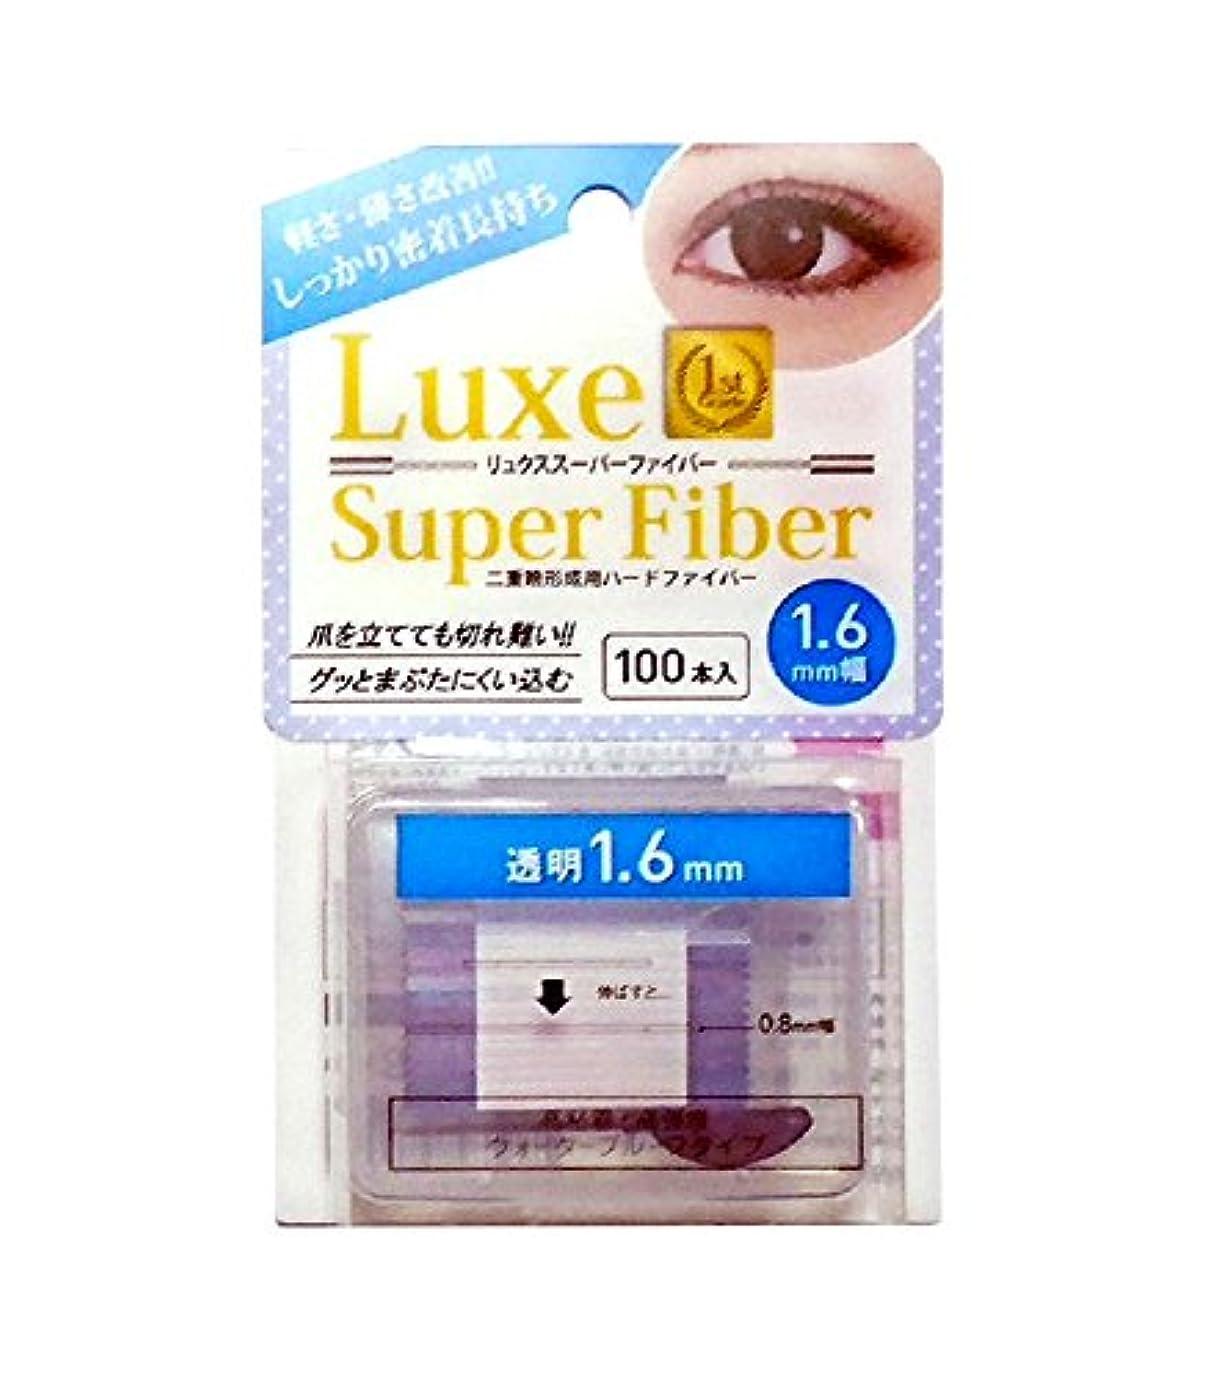 現代の教育者オープニングLuxe(リュクス) スーパーファイバーII 透明 クリア 1.6mm 100本入り